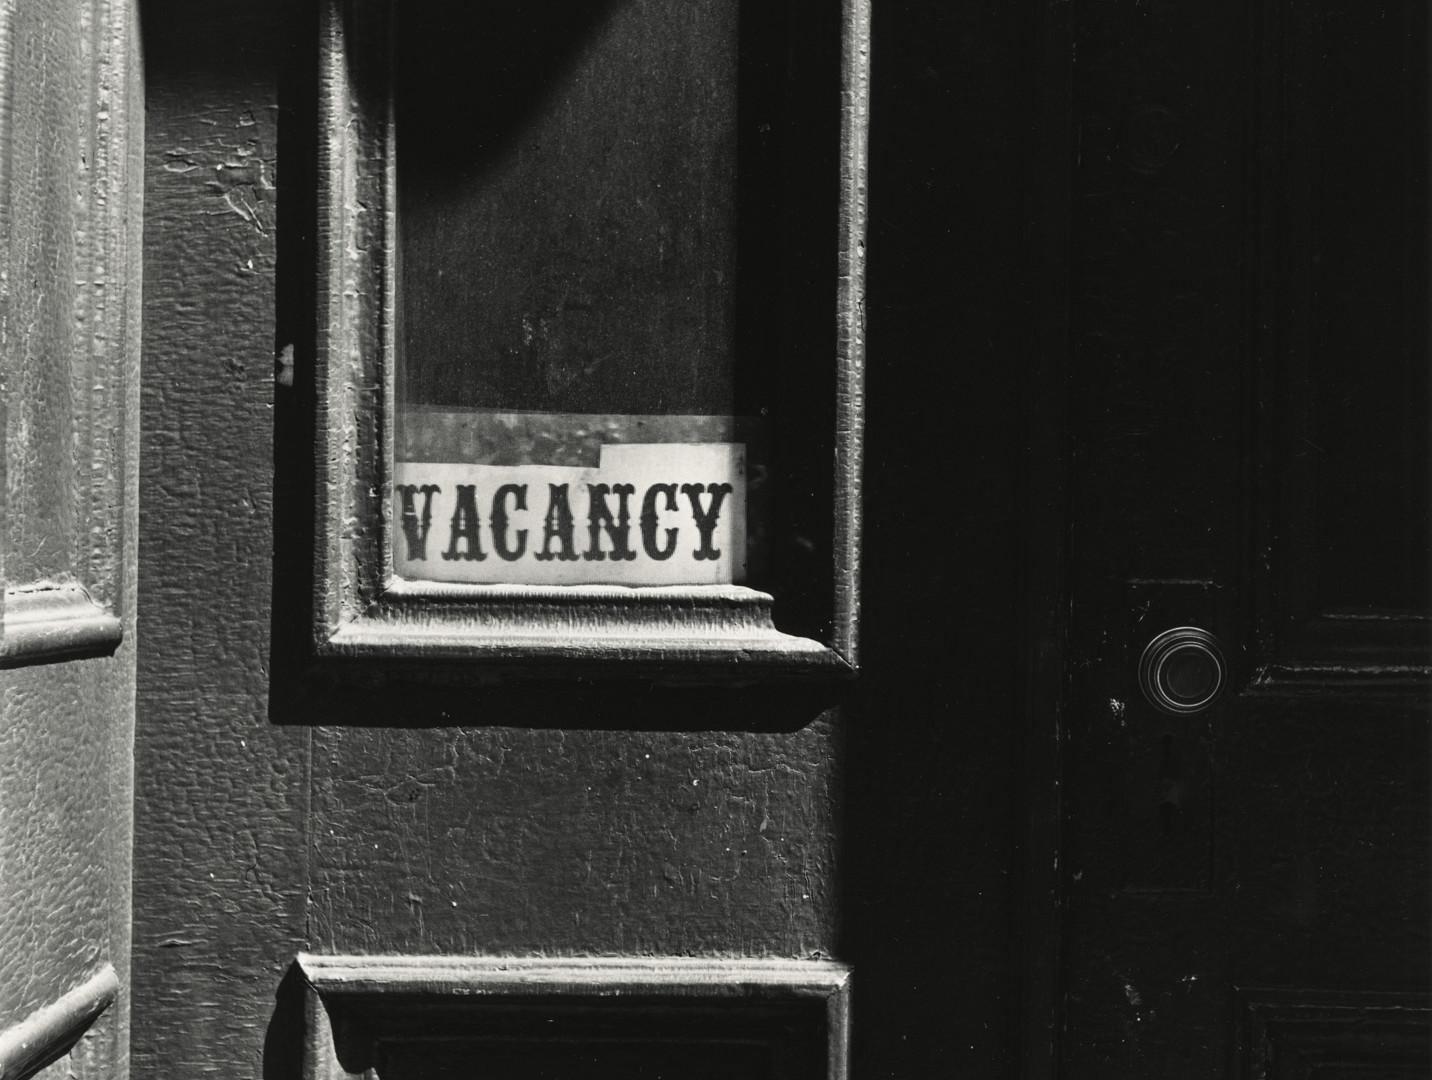 Irving Penn, Vacancy (with doorknob), New York, 1939